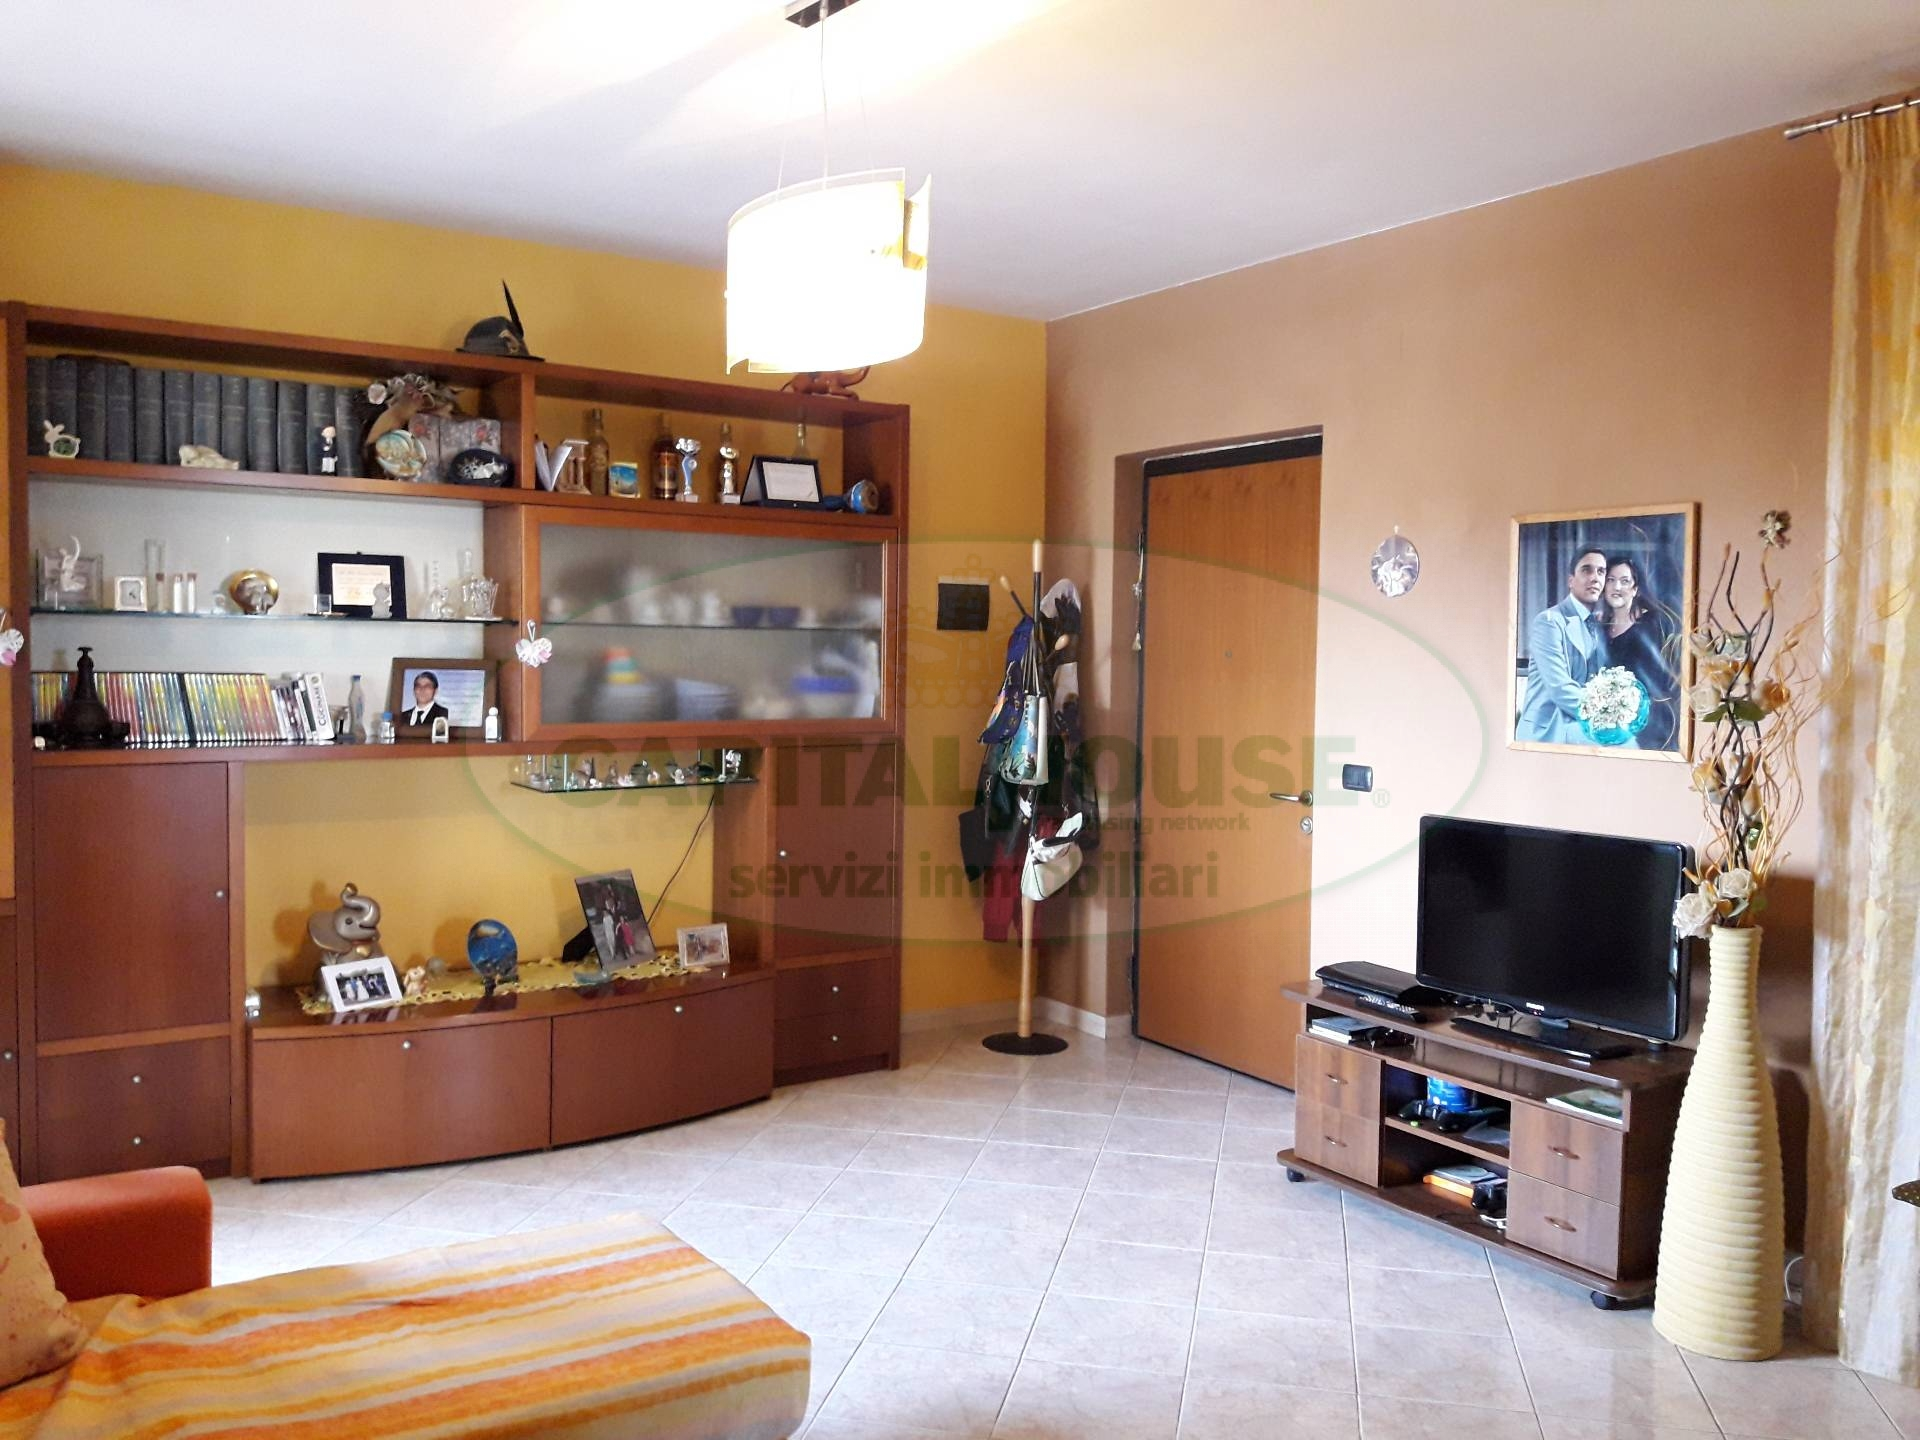 Appartamento in vendita a Macerata Campania, 4 locali, prezzo € 116.000 | CambioCasa.it